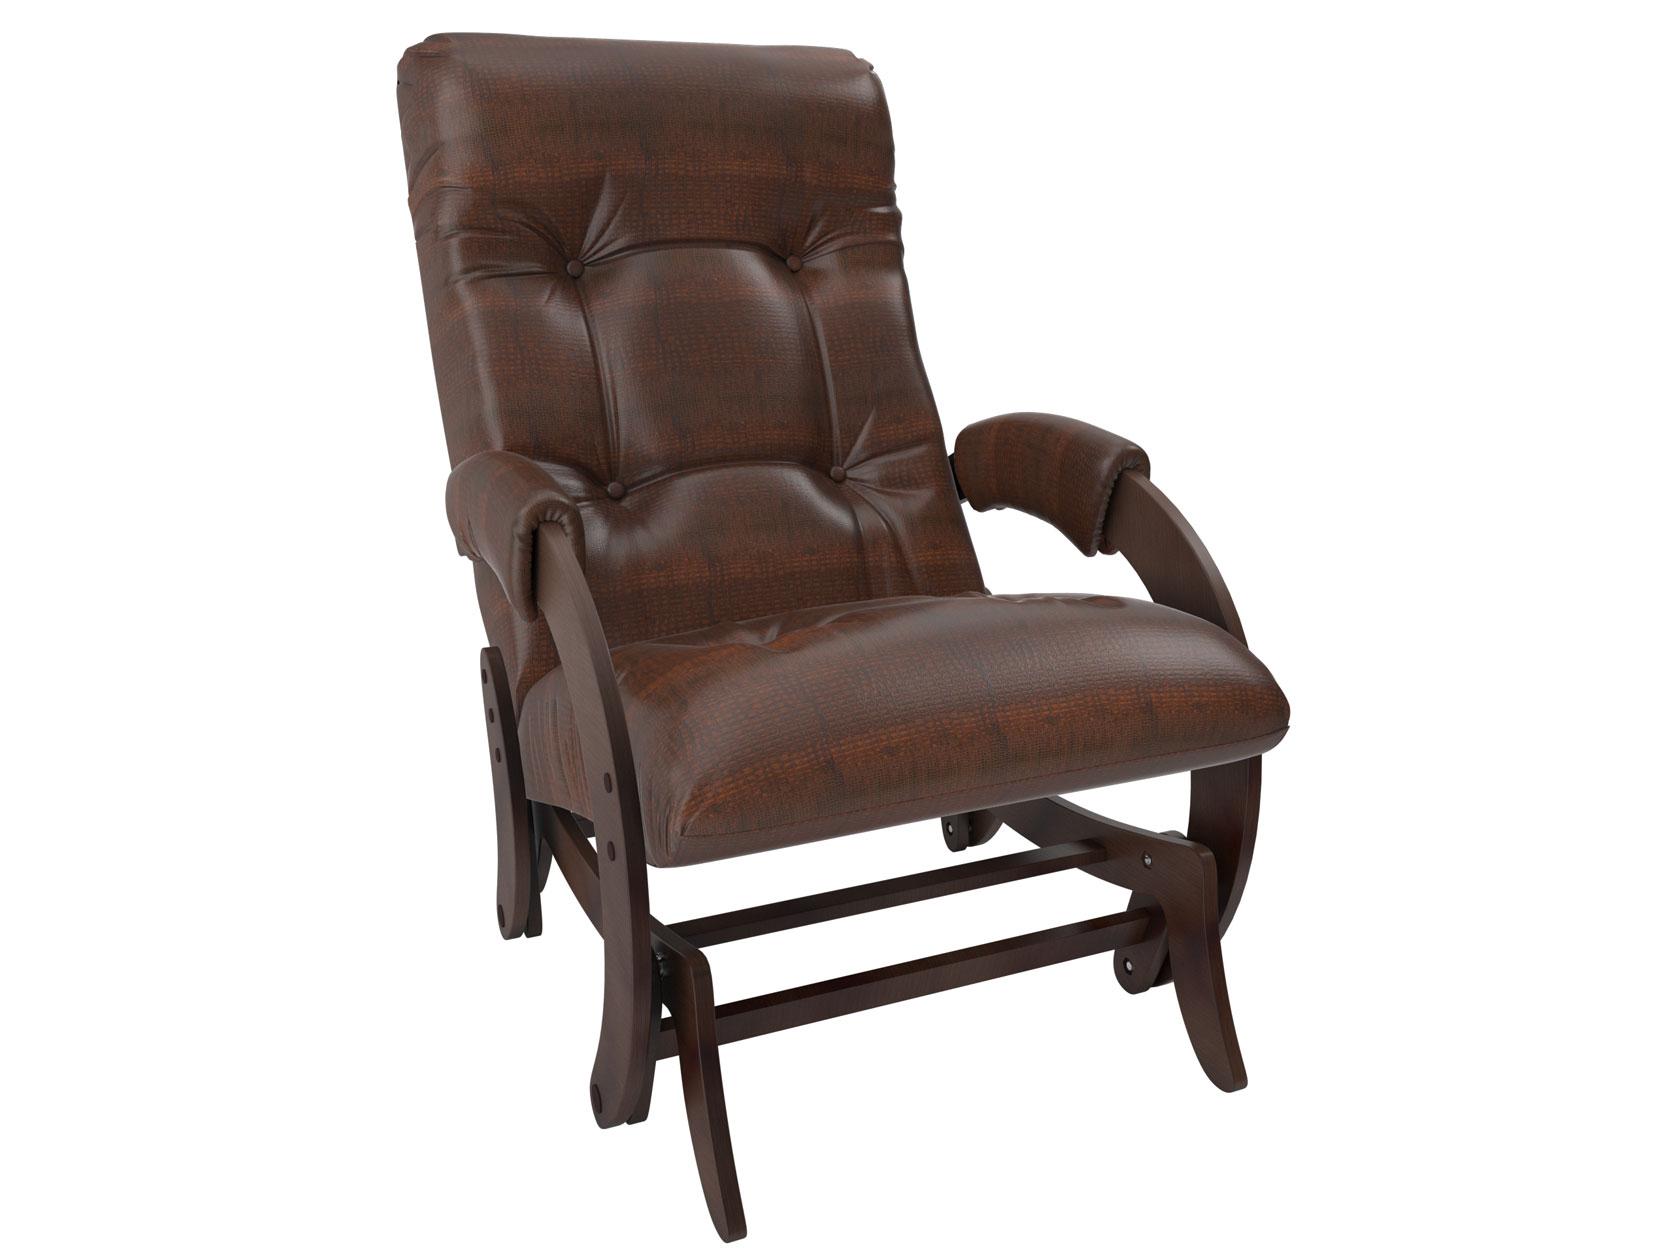 Кресло-глайдер 150-100255